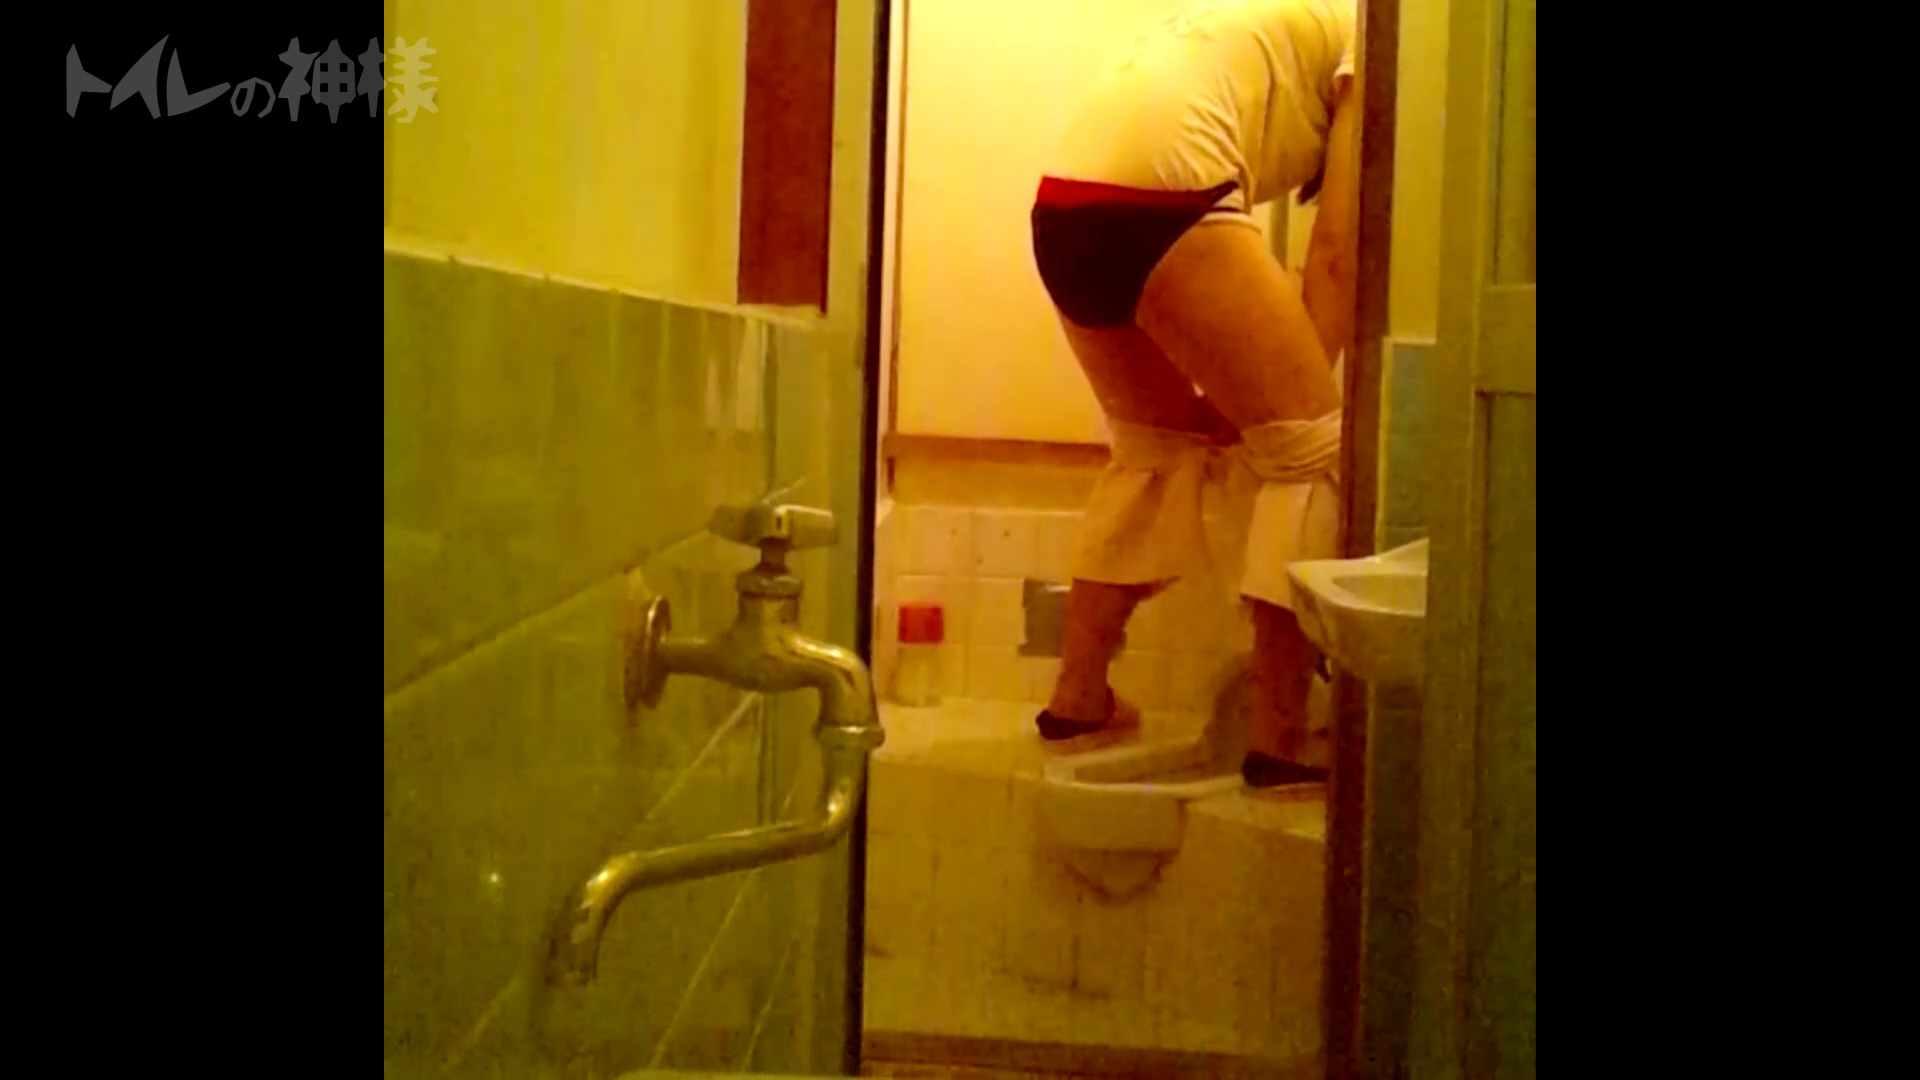 トイレの神様 Vol.08 プリントしたお・し・り 丸見え エロ画像 102枚 9